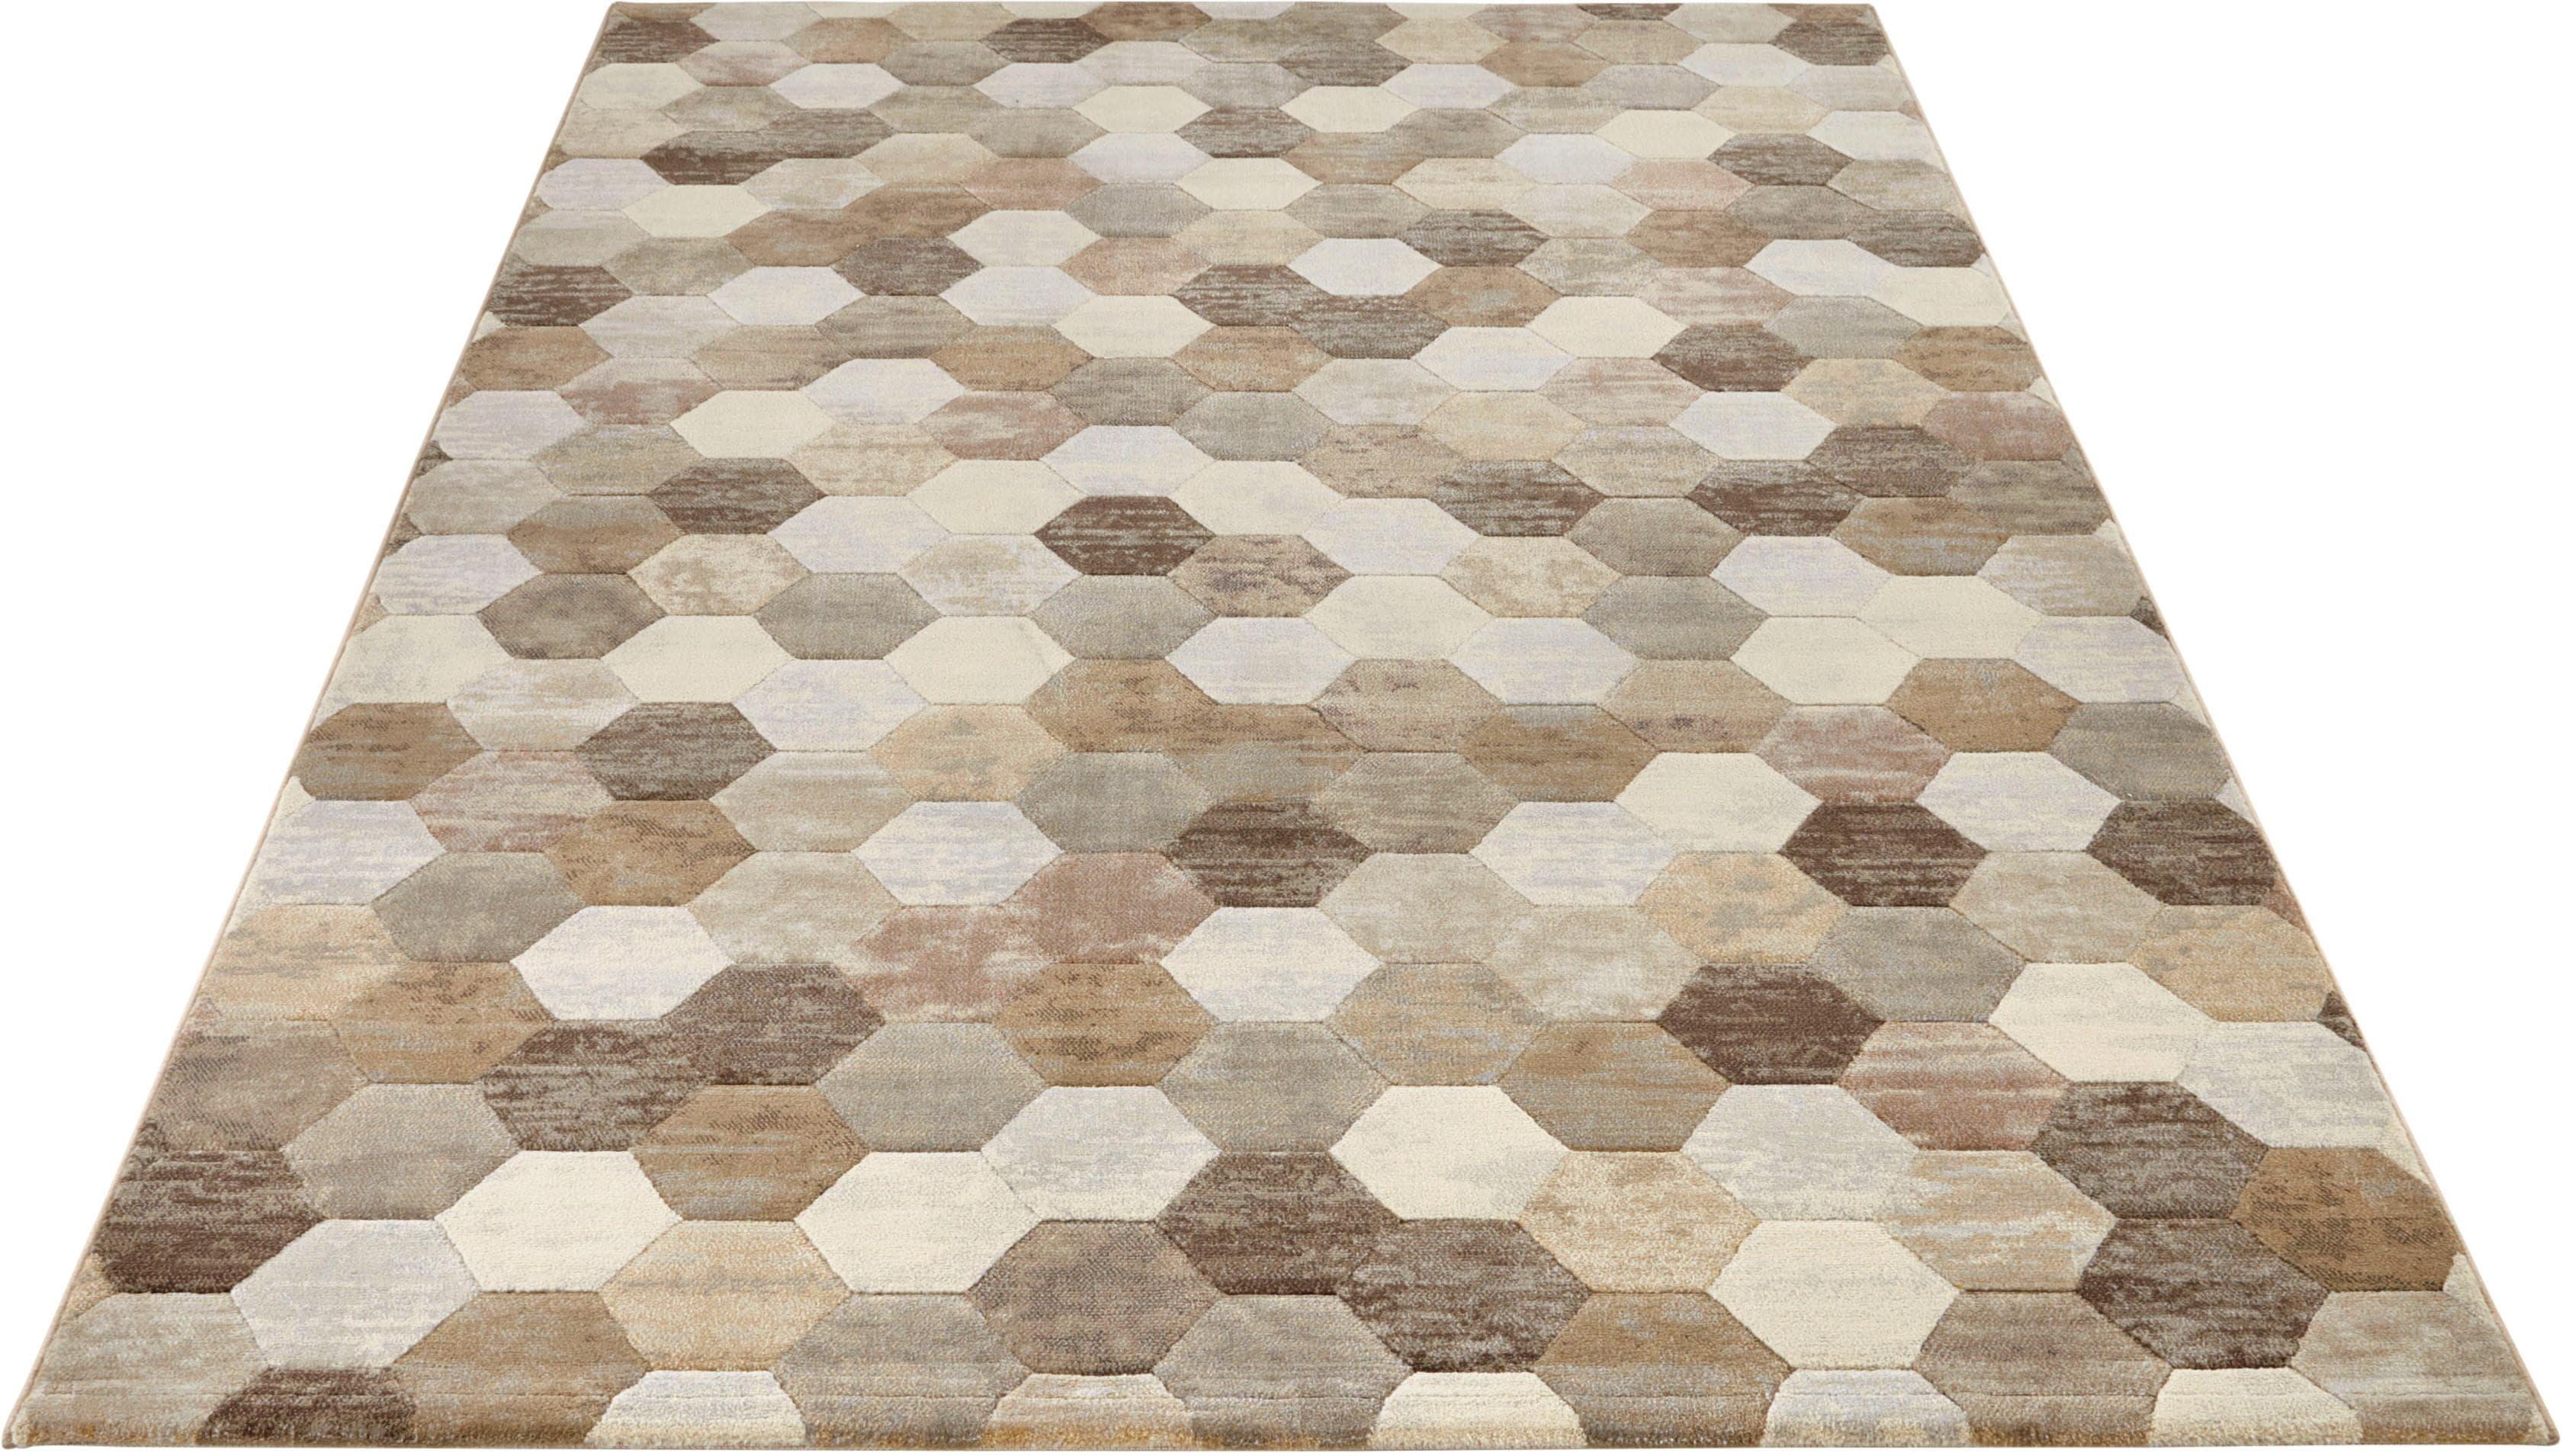 Teppich Manosque ELLE Decor rechteckig Höhe 11 mm maschinell gewebt